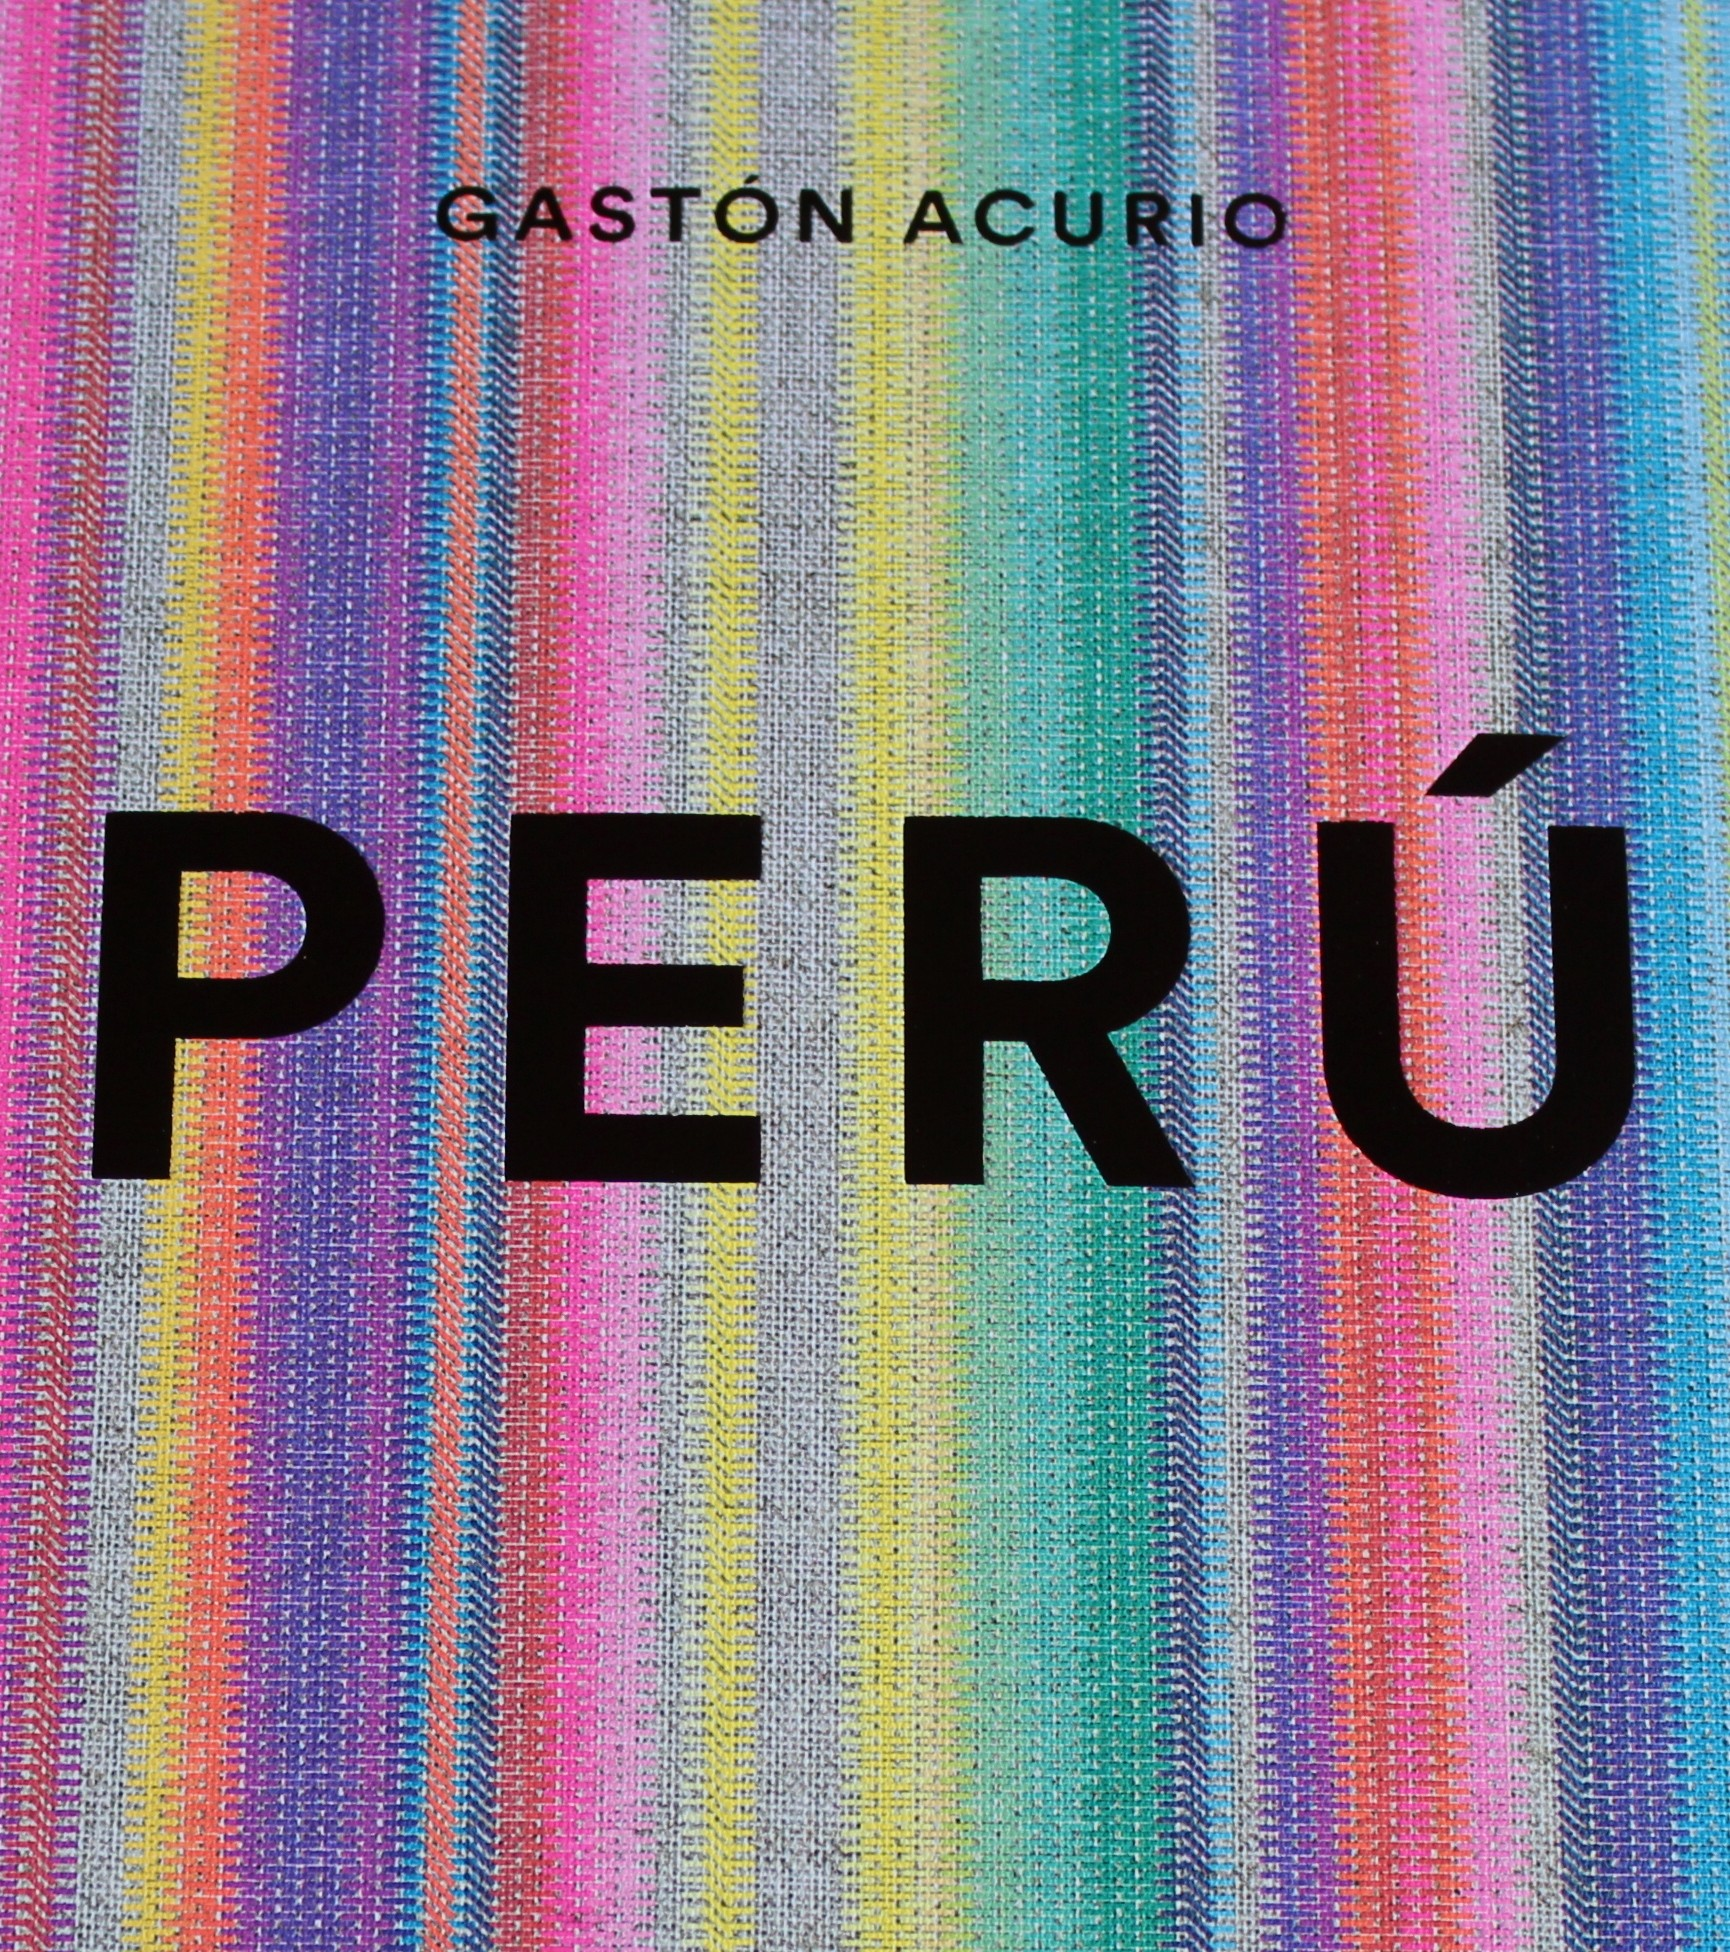 Perú, de Gastón Acurio